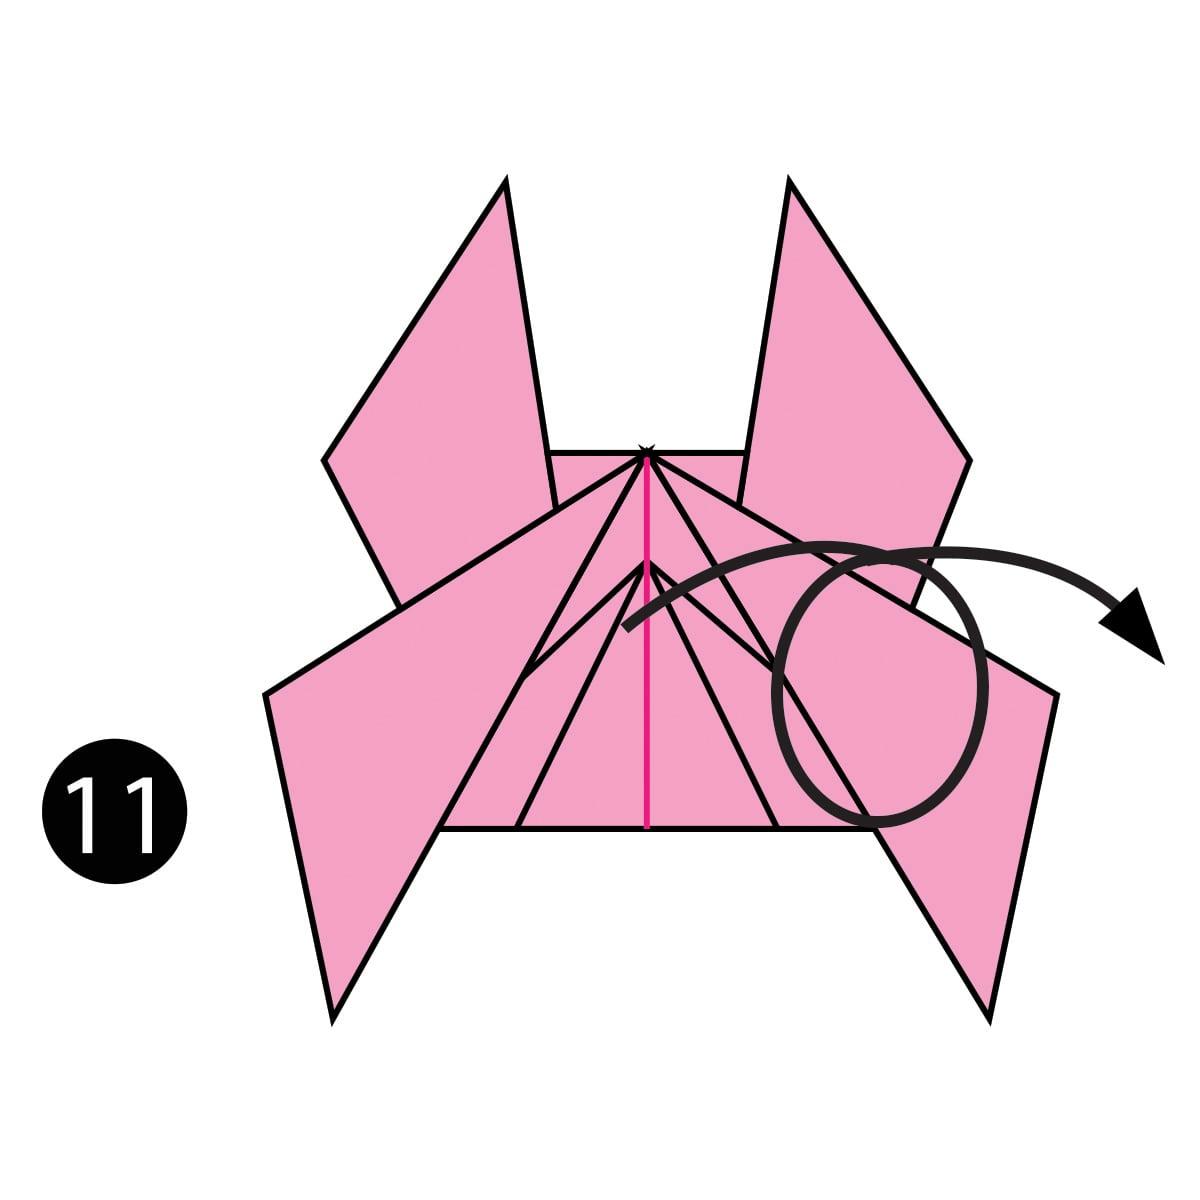 Crab Step 11